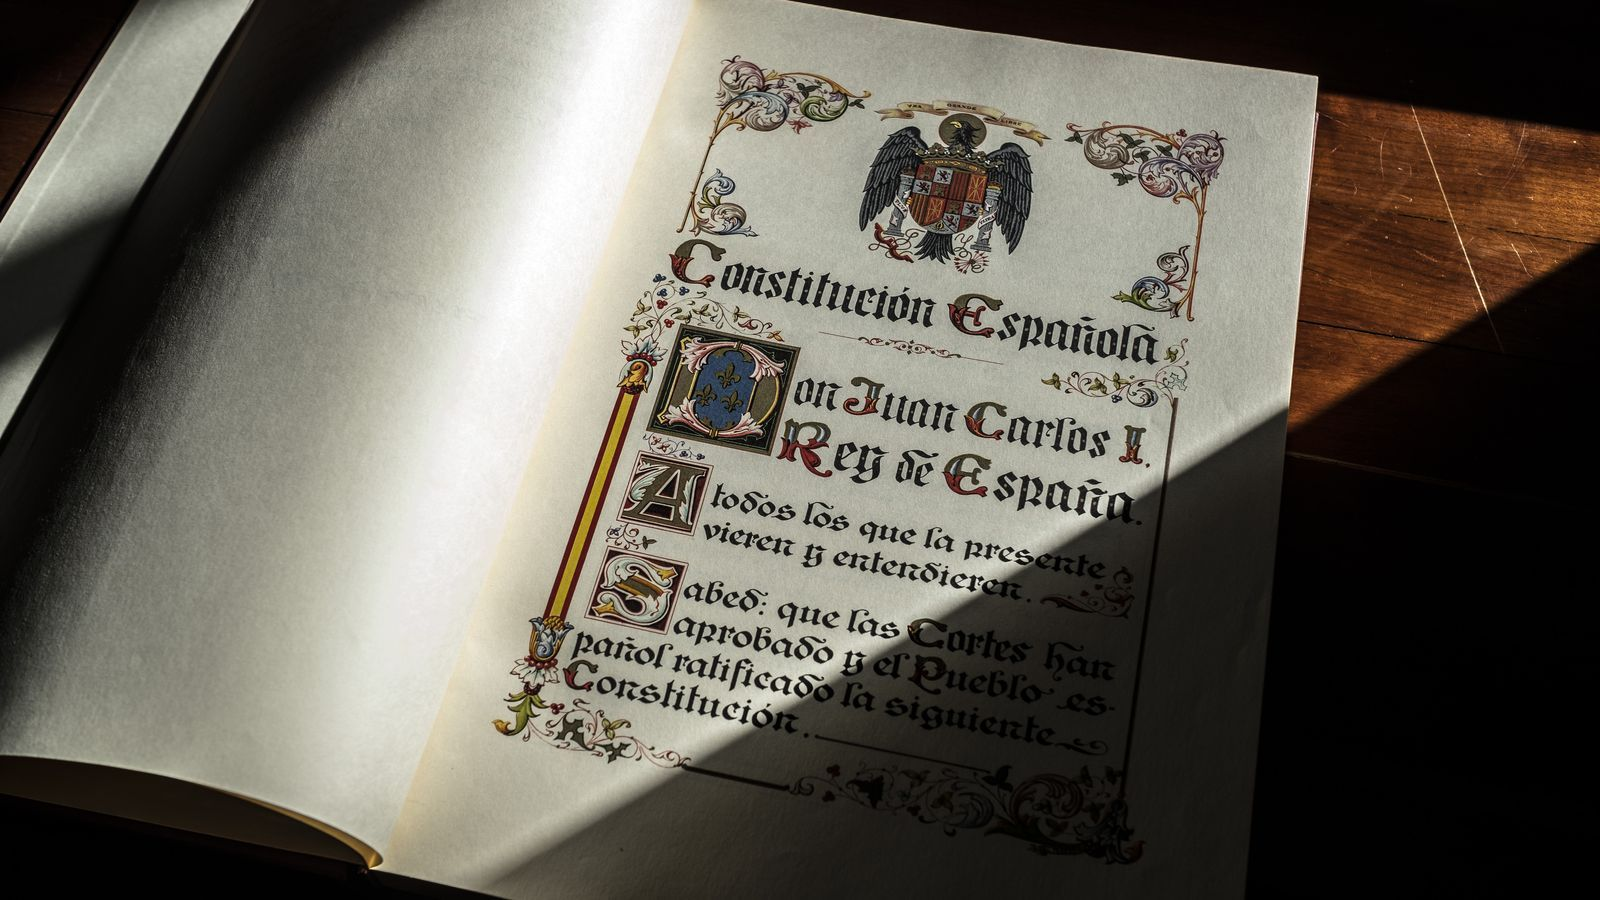 Exemplar de la Constitució Espanyola